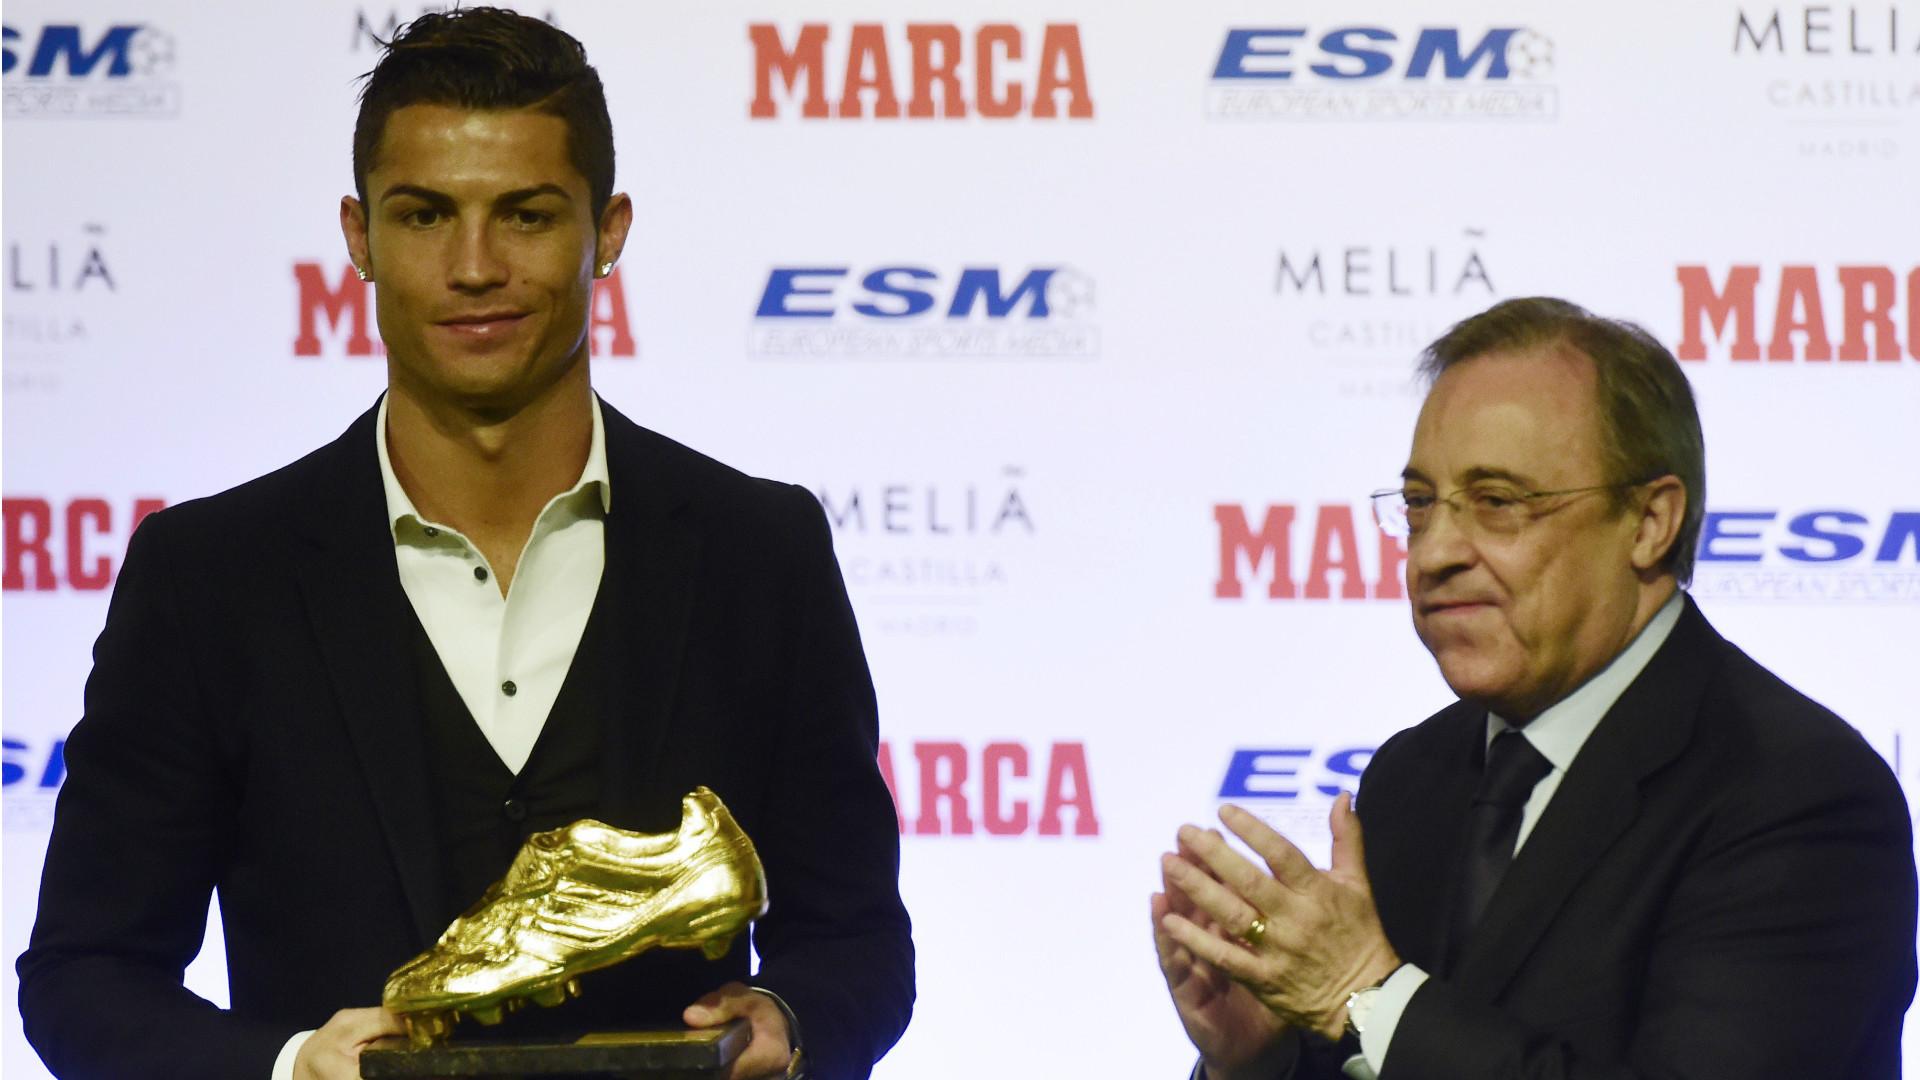 Insatisfeito no Real, Cristiano Ronaldo planeja voltar para o United — Jornal